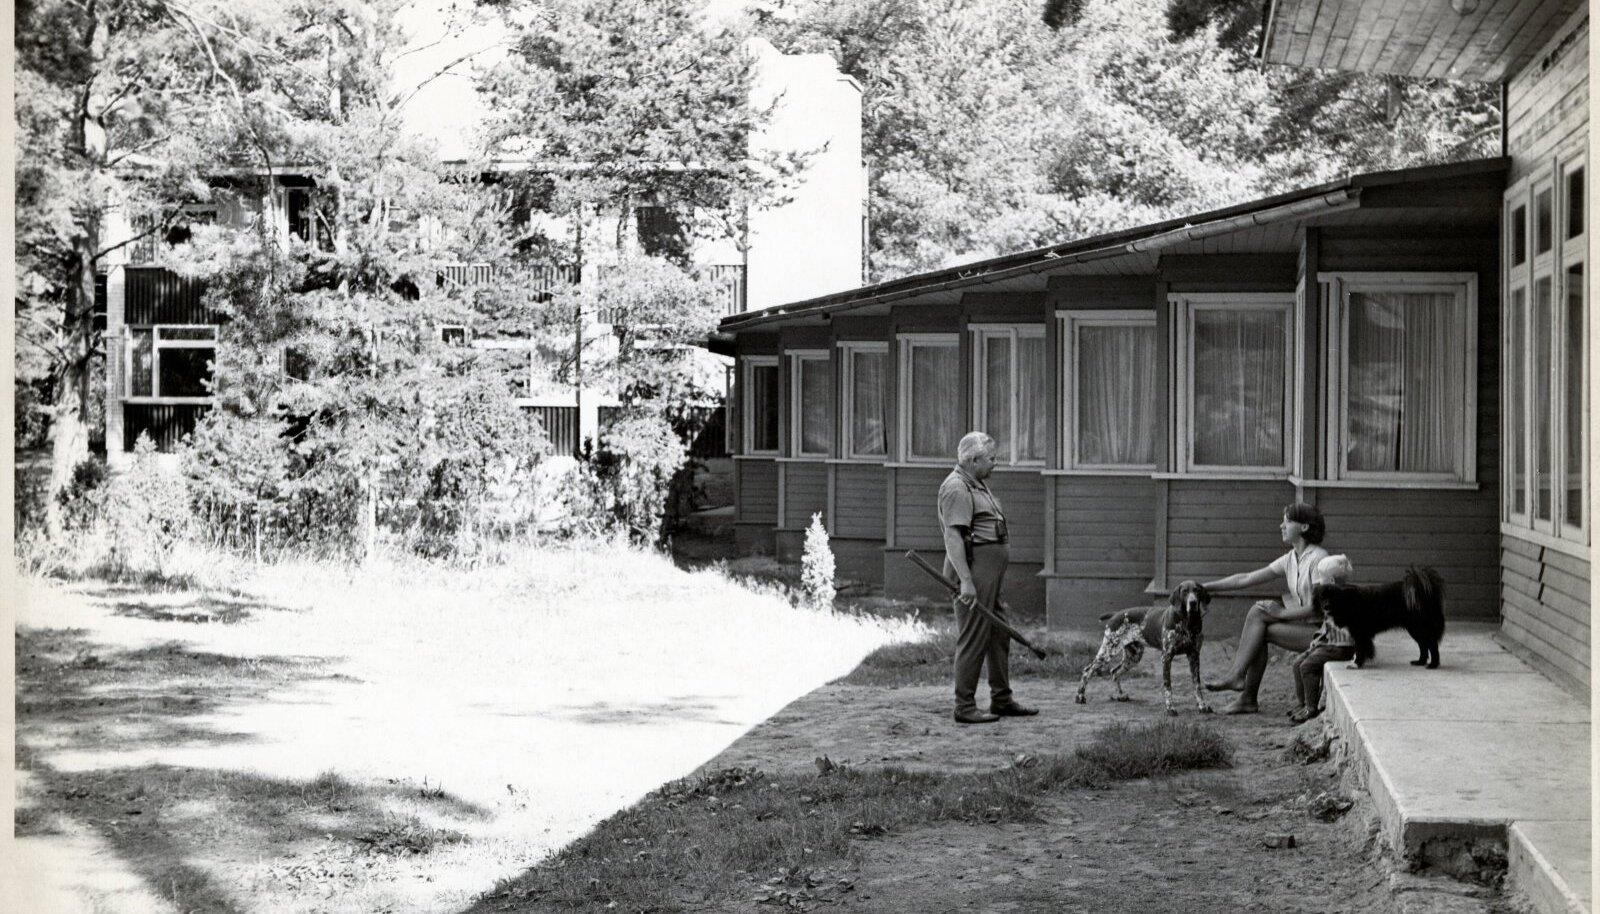 Tartu Õlletehase puhkebaasi Rannu külas Võrtsjärve ääres projekteeris arhitekt Raul-Levroit Kivi 1960. aastal. Tegu on ühe esimese asutuse puhkebaasiga Eestis.